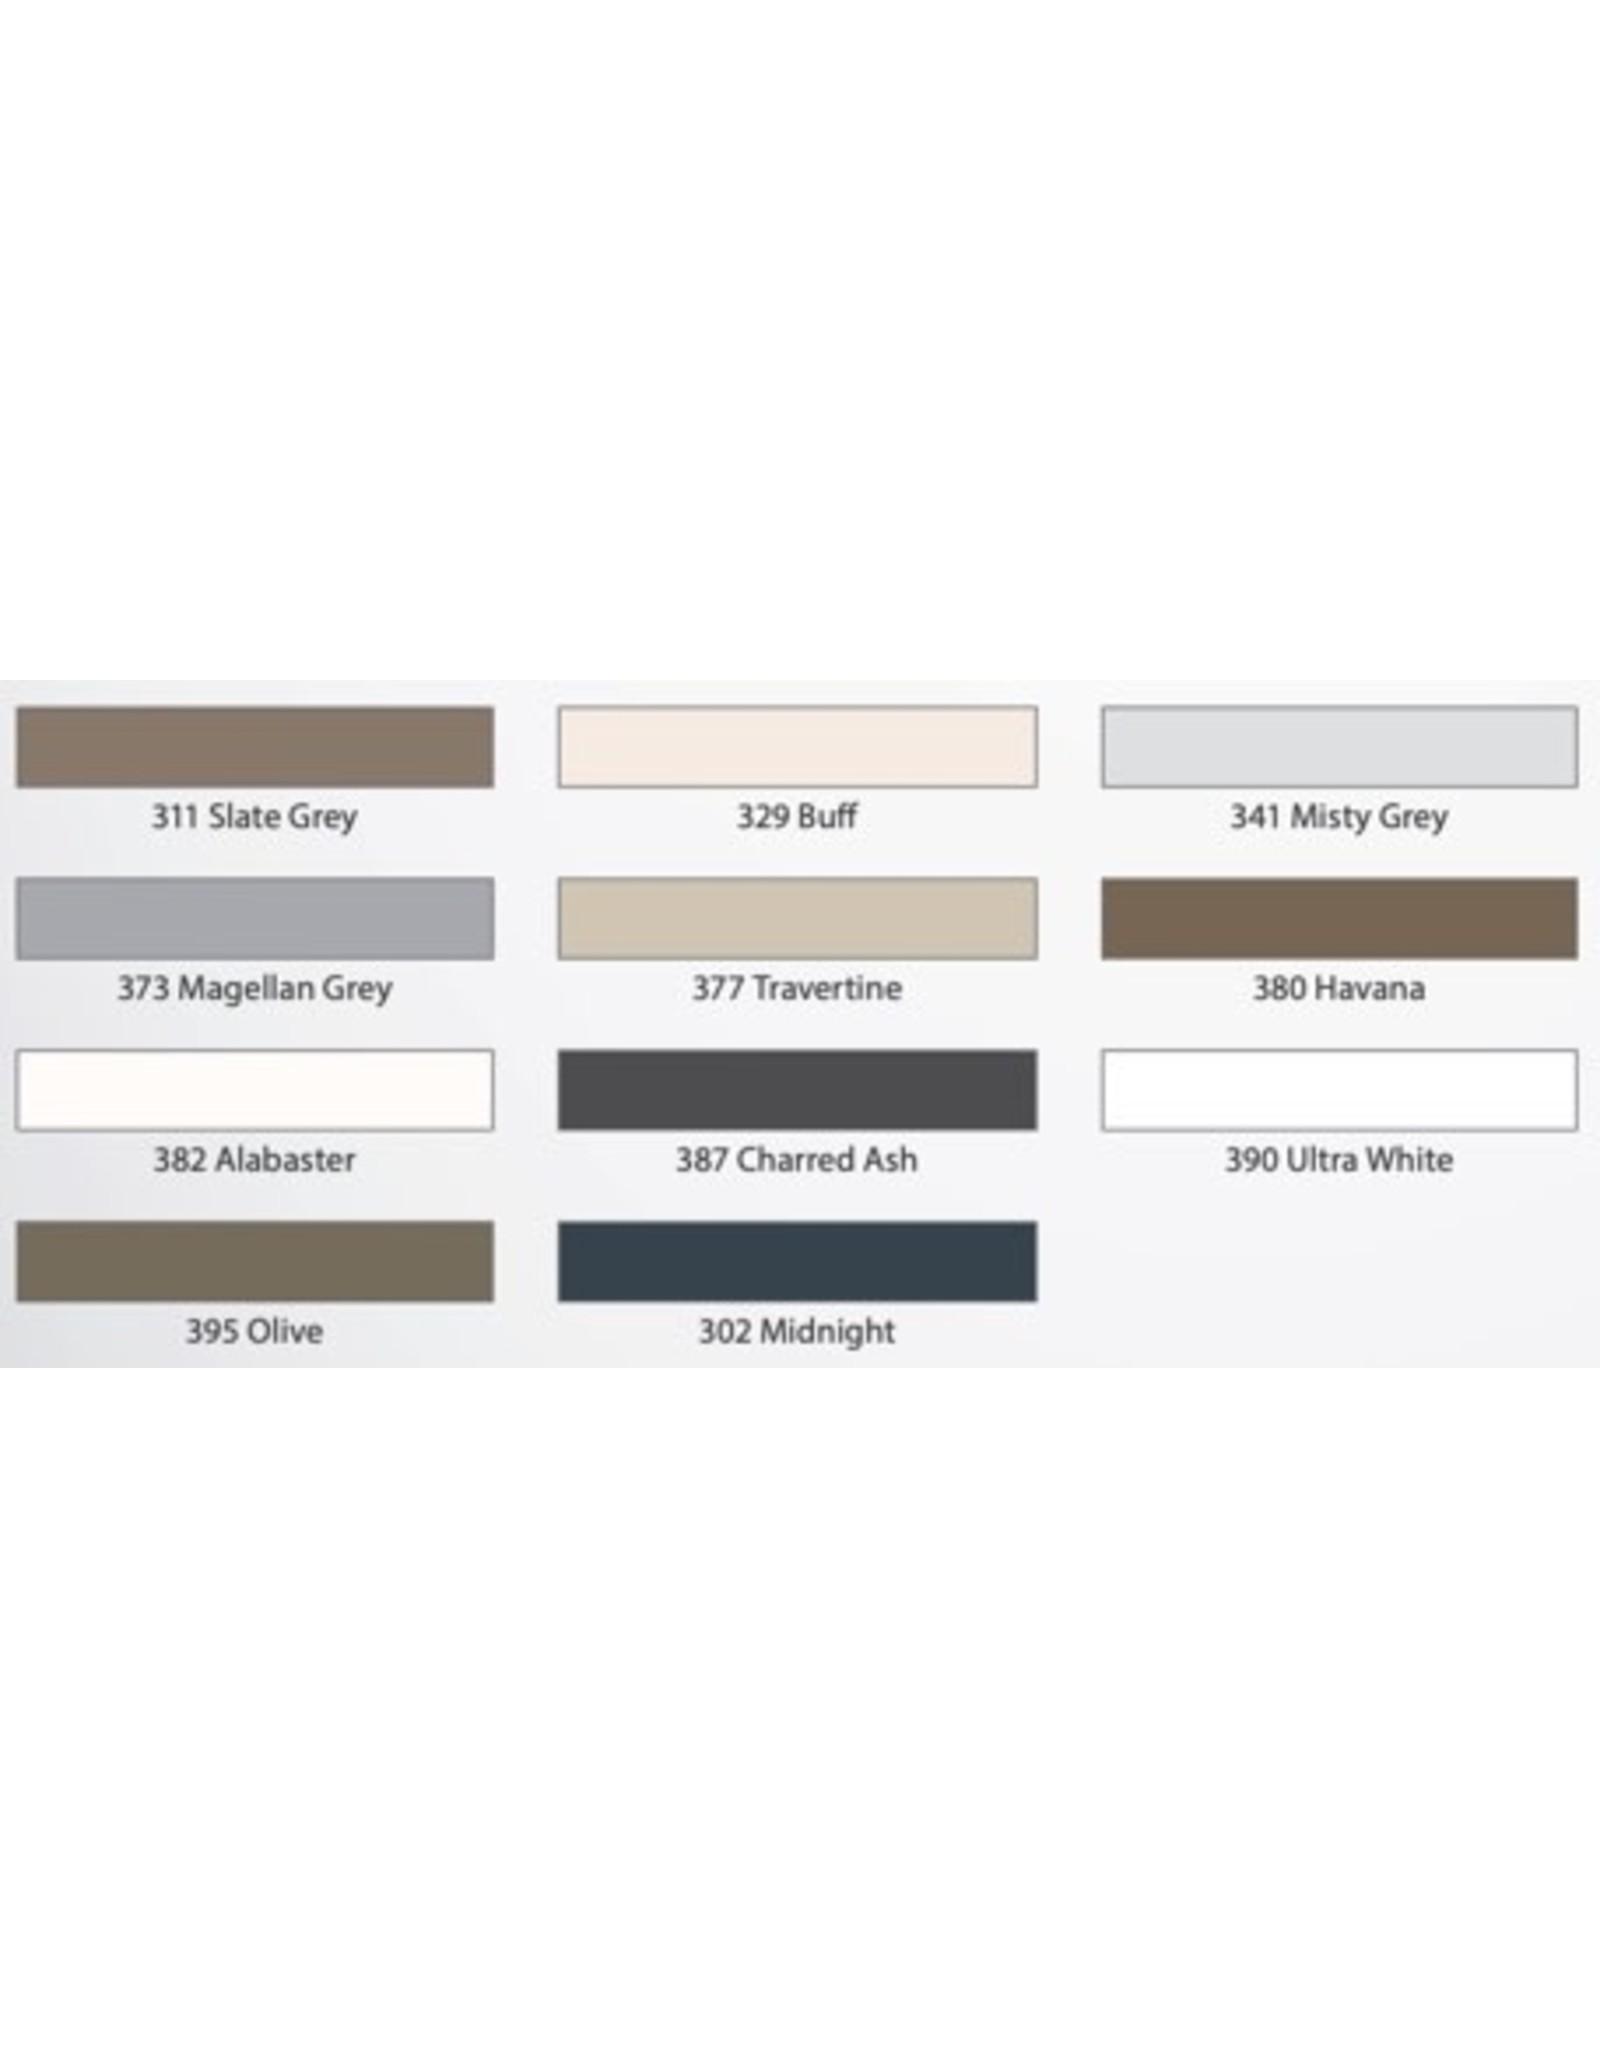 Ardex ARDEX FS-DD Slate Grey 311 5kg